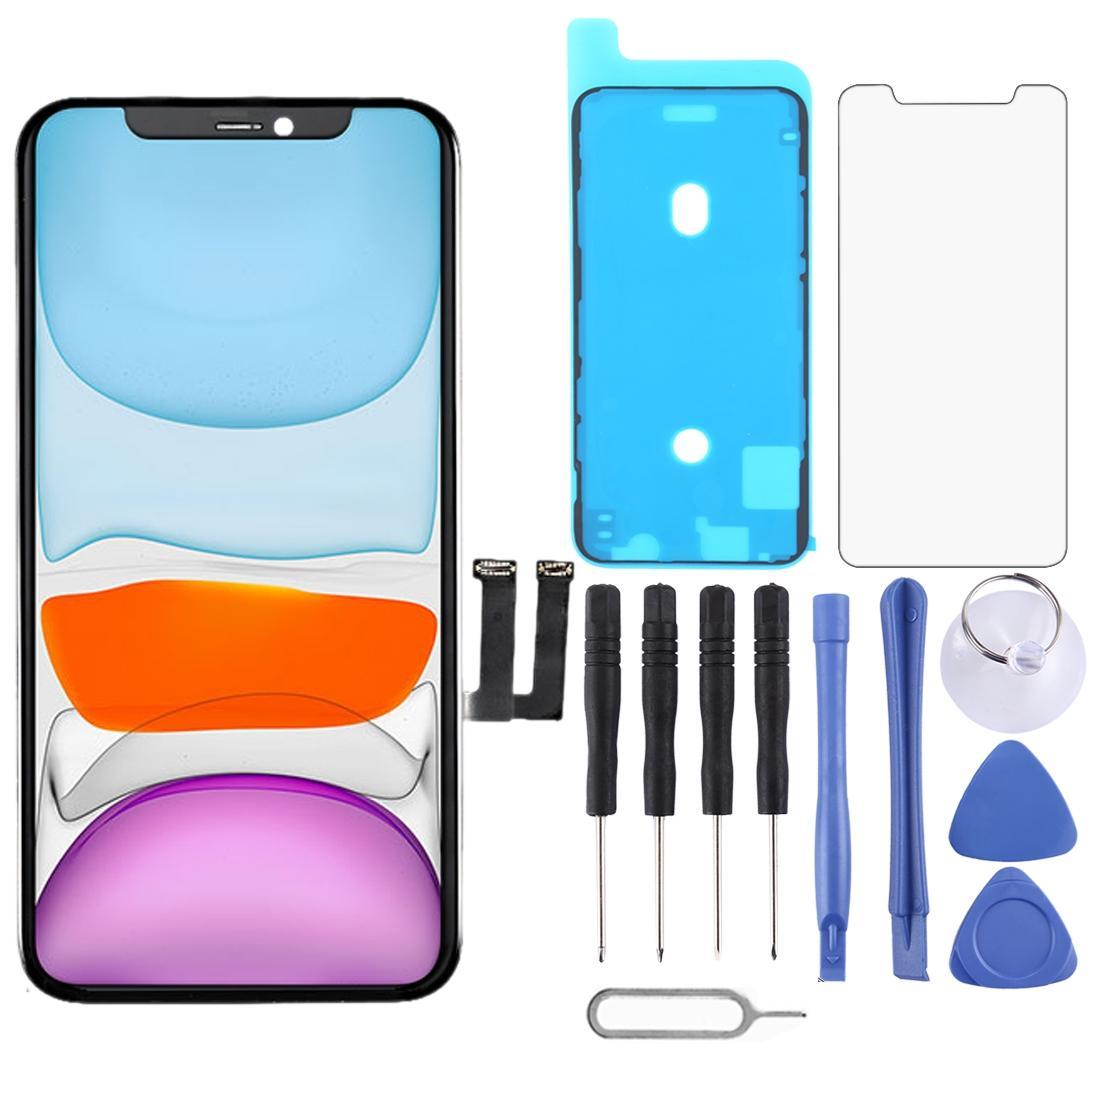 Schermo LCD 2020 Grado A +++ e Digitizer Assemblea completa con telaio per iPhone Pezzi di ricambio 11 a cristalli liquidi con il regalo